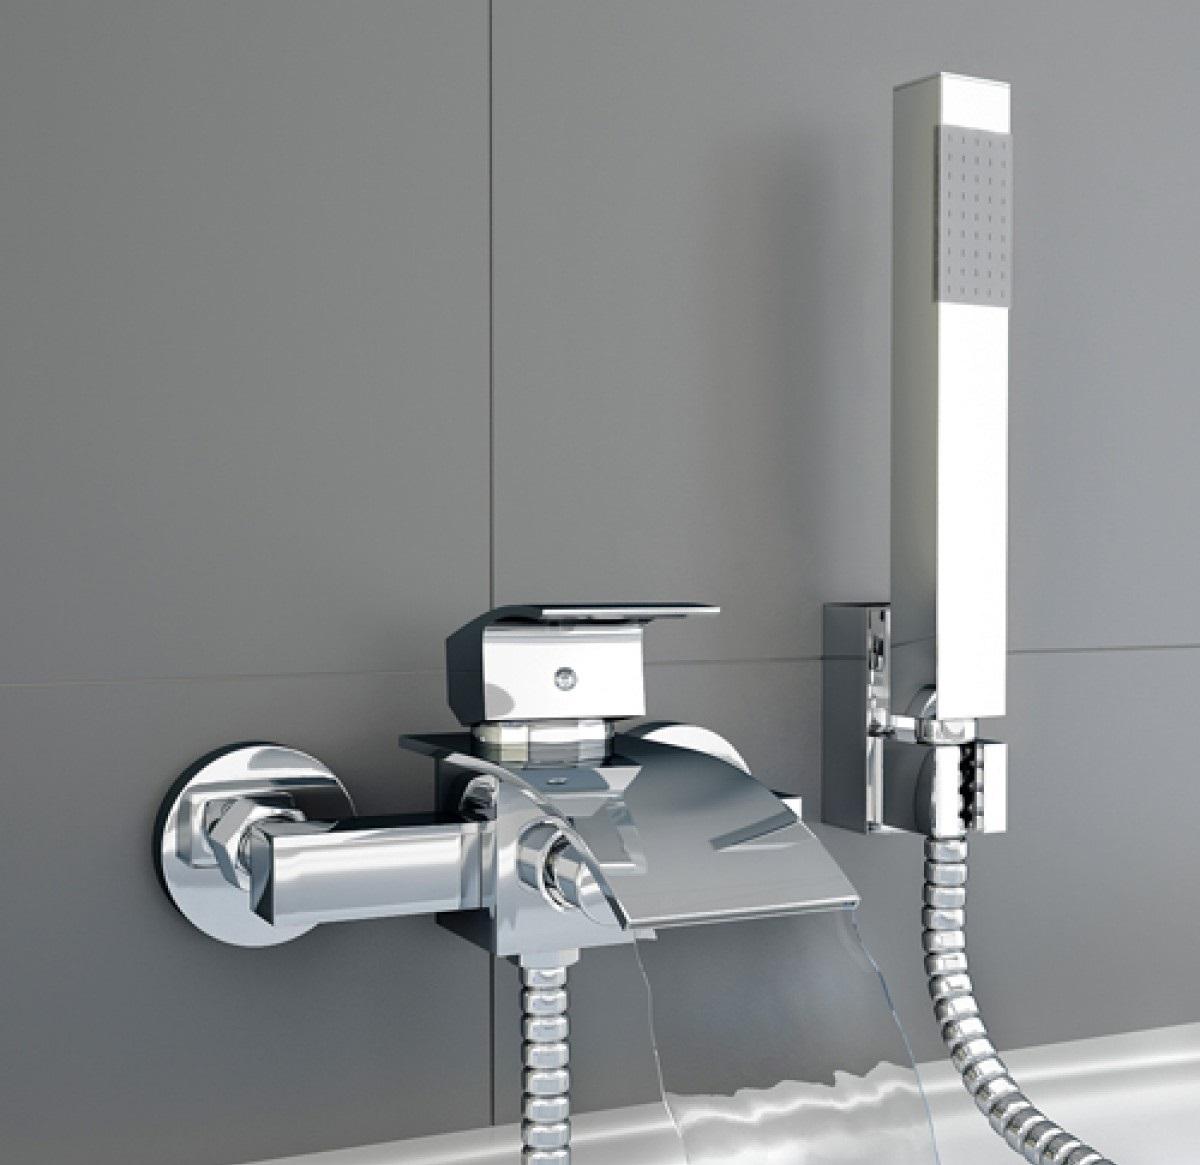 Rubinetto a cascata per vasca termosifoni in ghisa scheda tecnica - Termosifoni per bagno prezzi ...